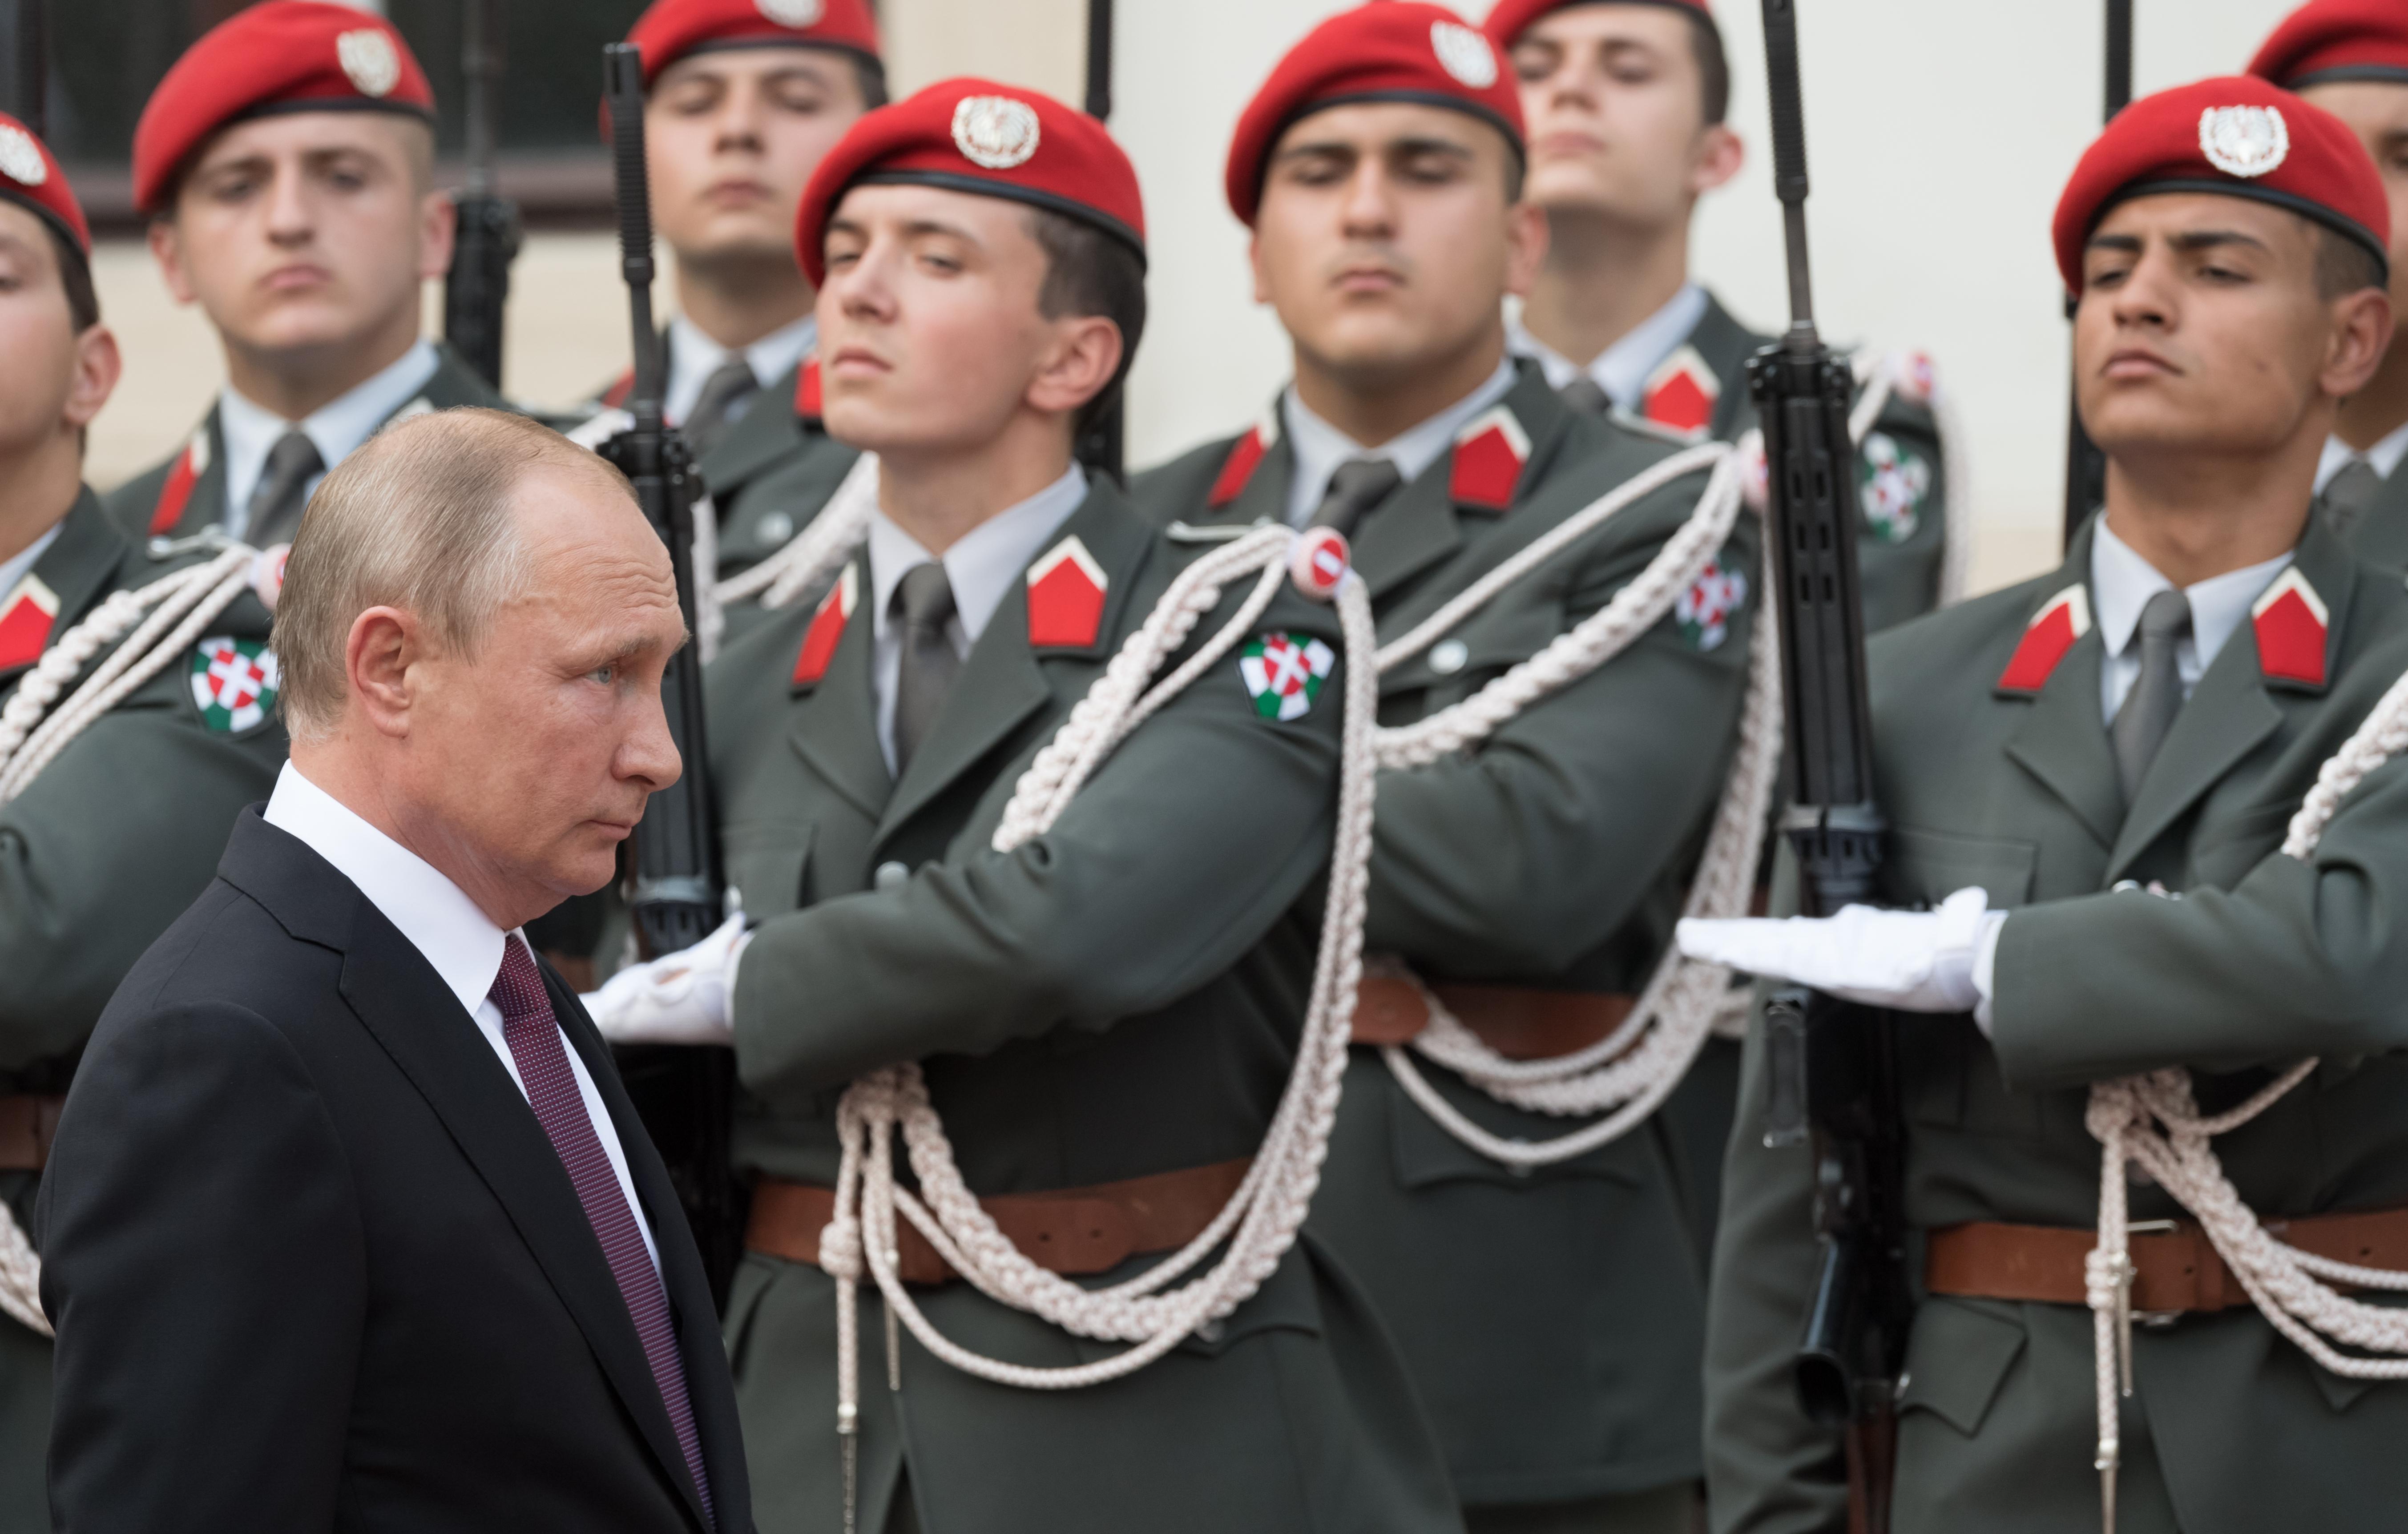 Ausztria rákapcsolt a Putyinnal való barátkozásra